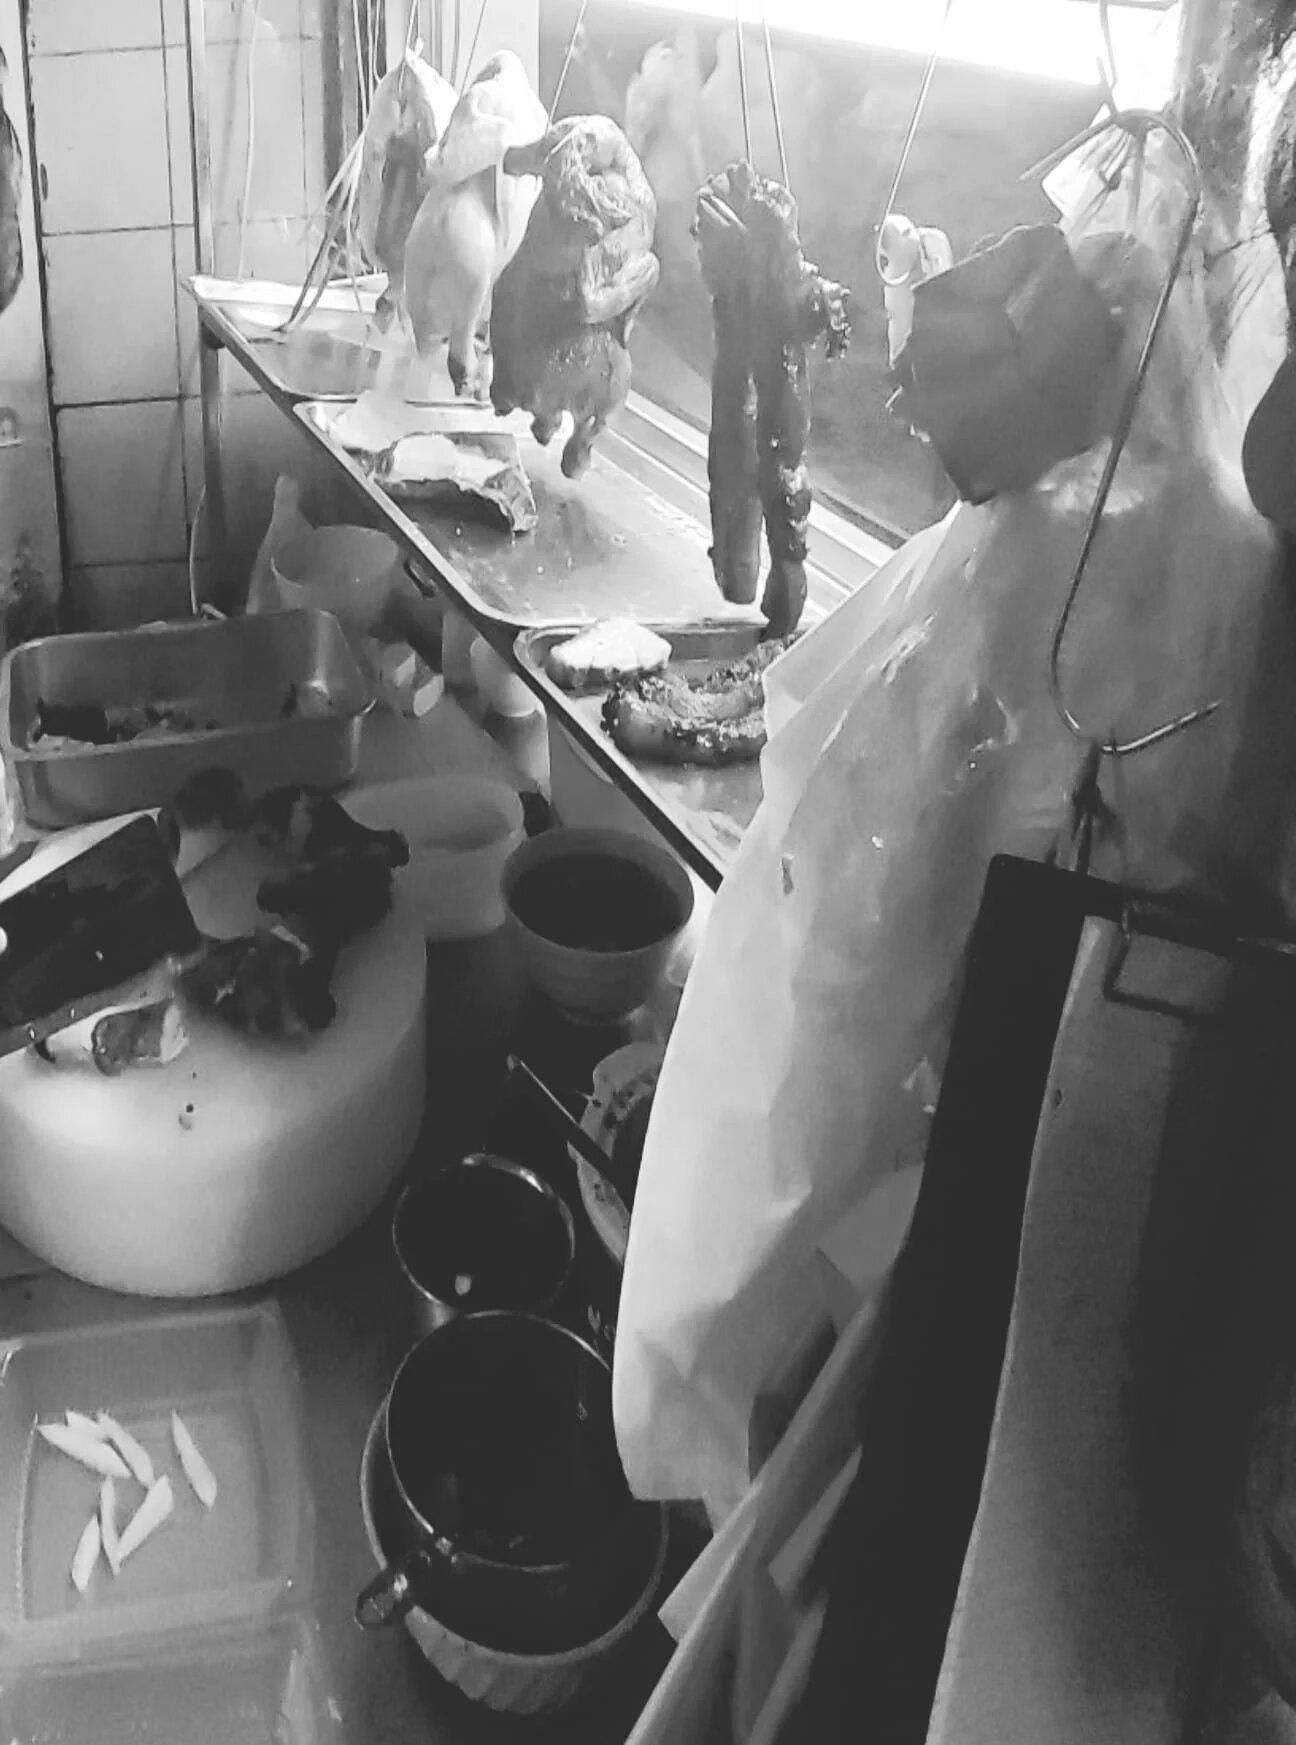 Dampak Lockdown Malaysia, Penjual Nasi Ayam Curhat Merugi